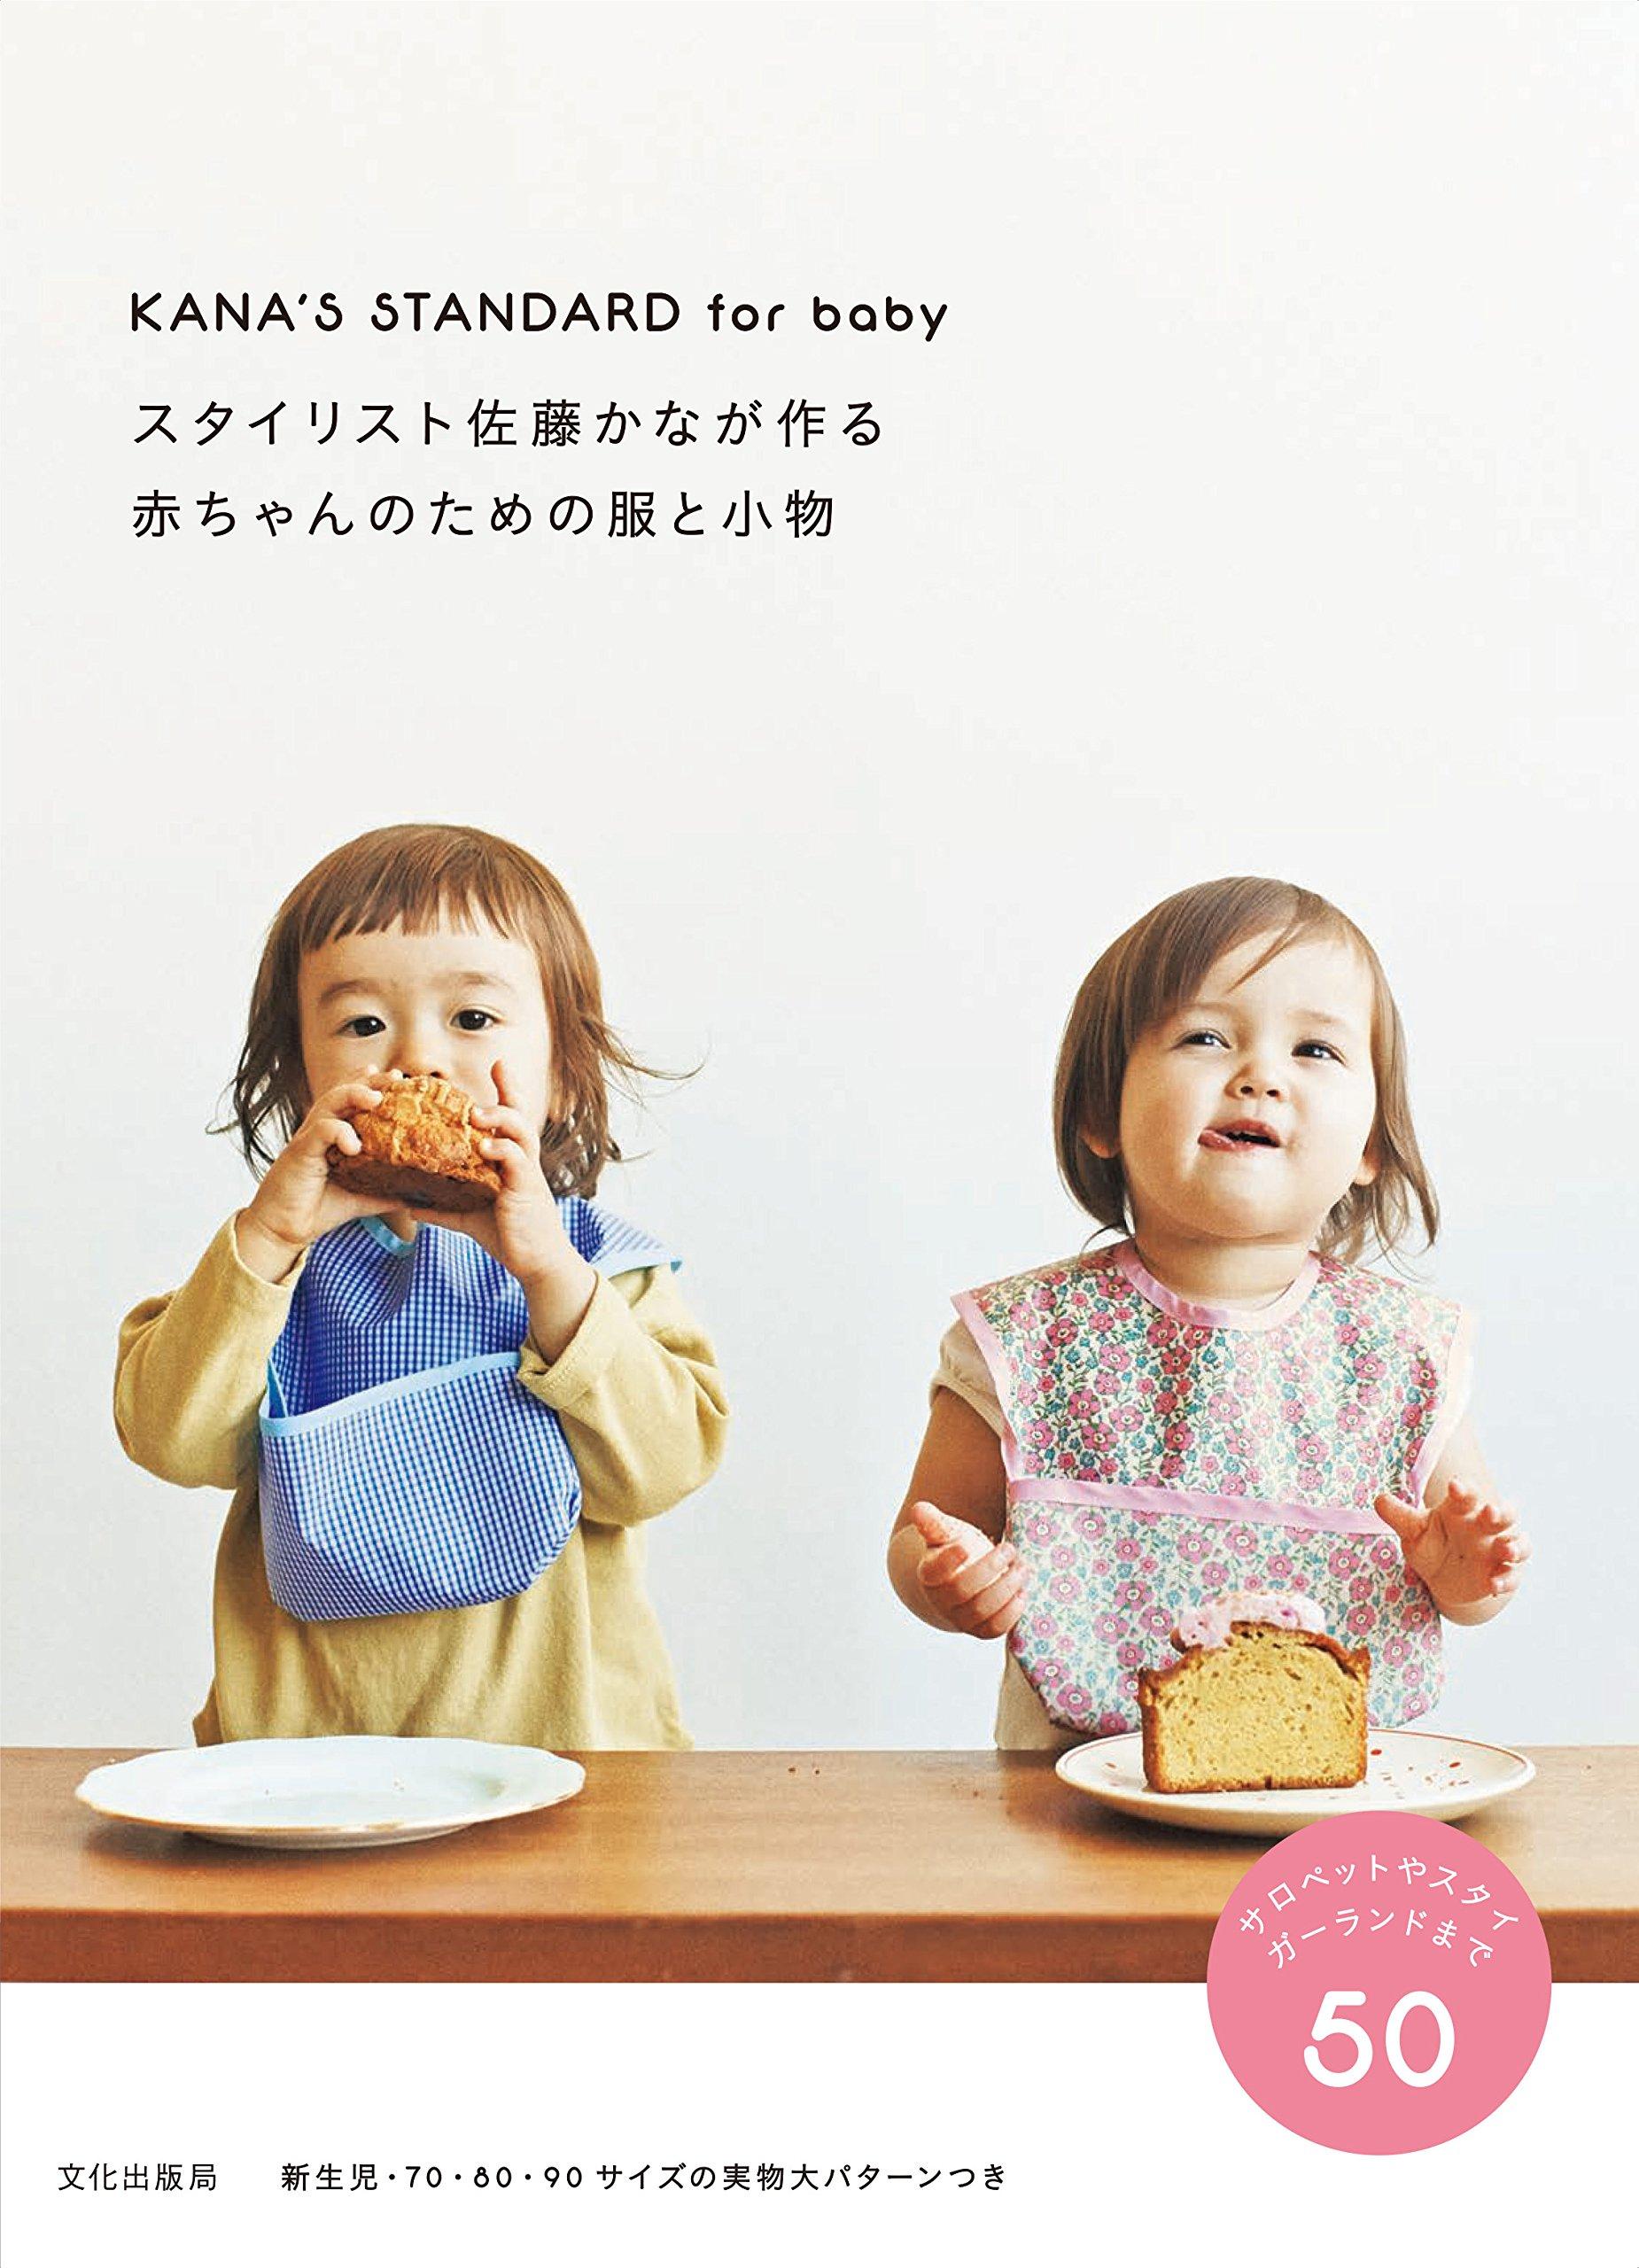 a3fc9b0c4f1aa1 スタイリスト佐藤かなが作る赤ちゃんのための服と小物 KANA'S STANDARD for baby | 佐藤 かな |本 | 通販 | Amazon